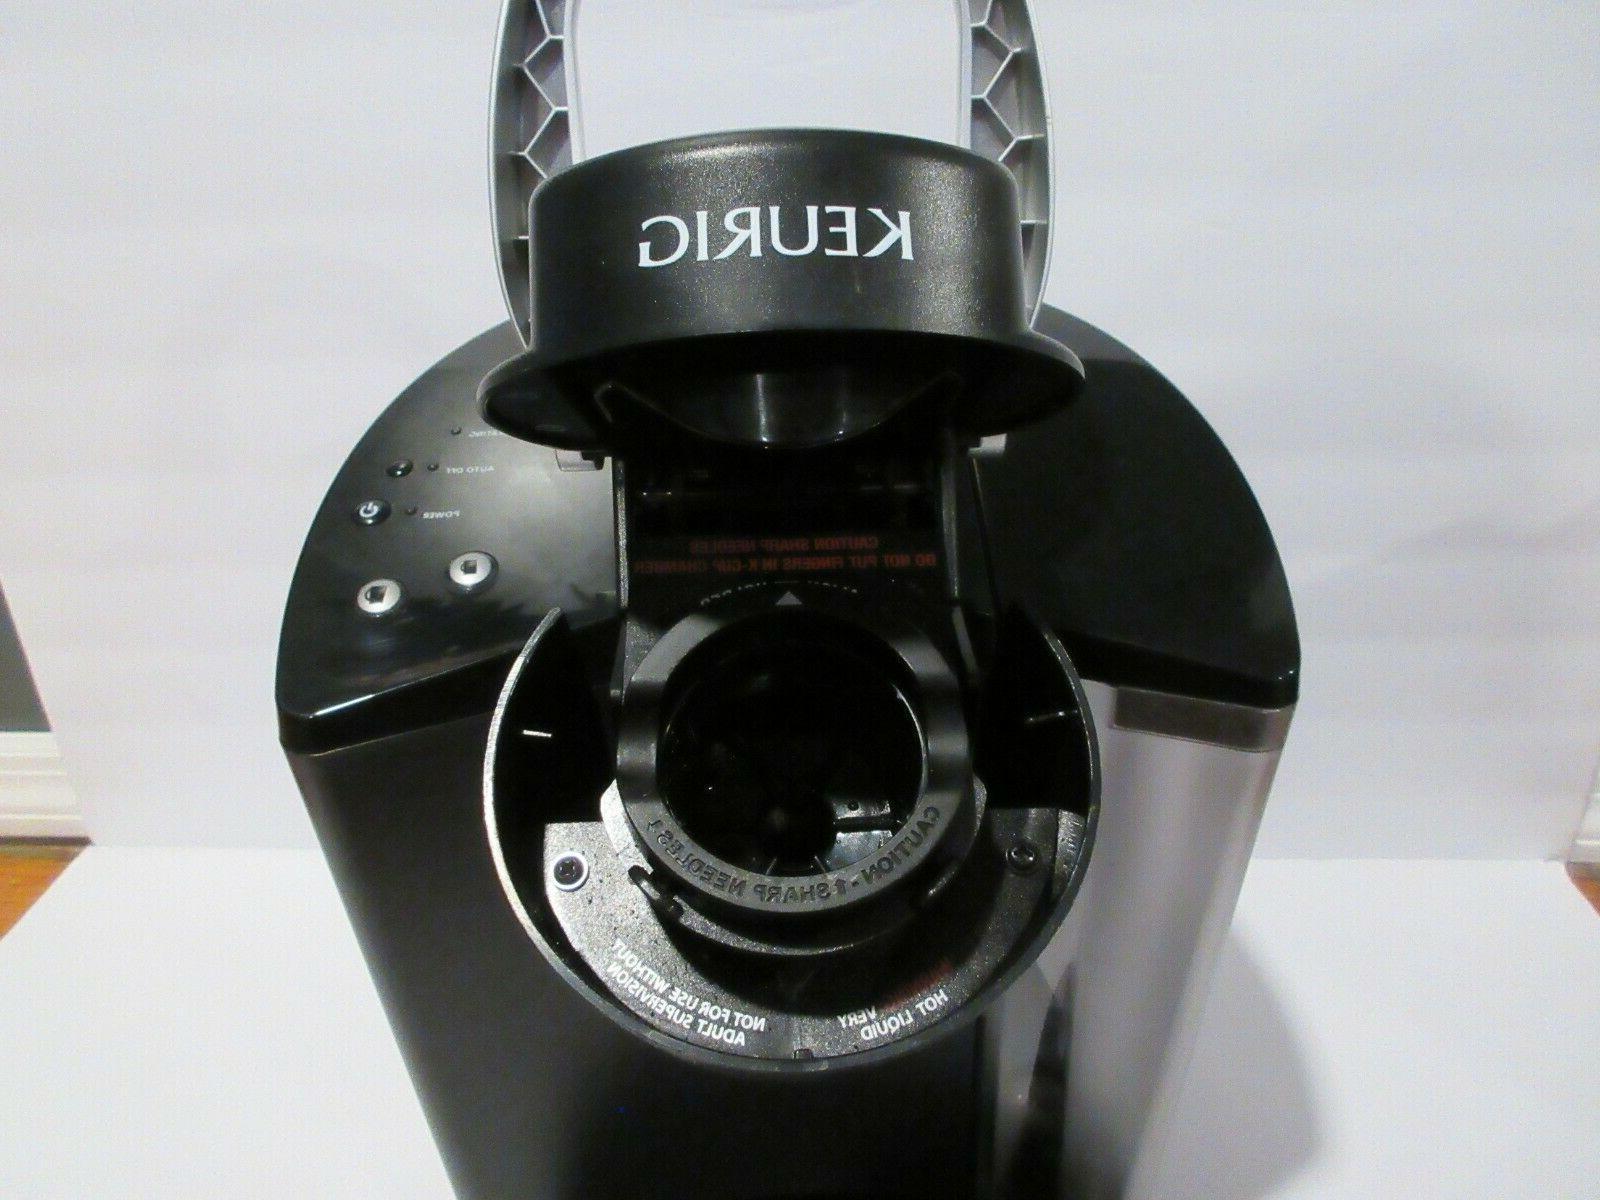 Keurig Black Cup System Coffee Maker Model B40